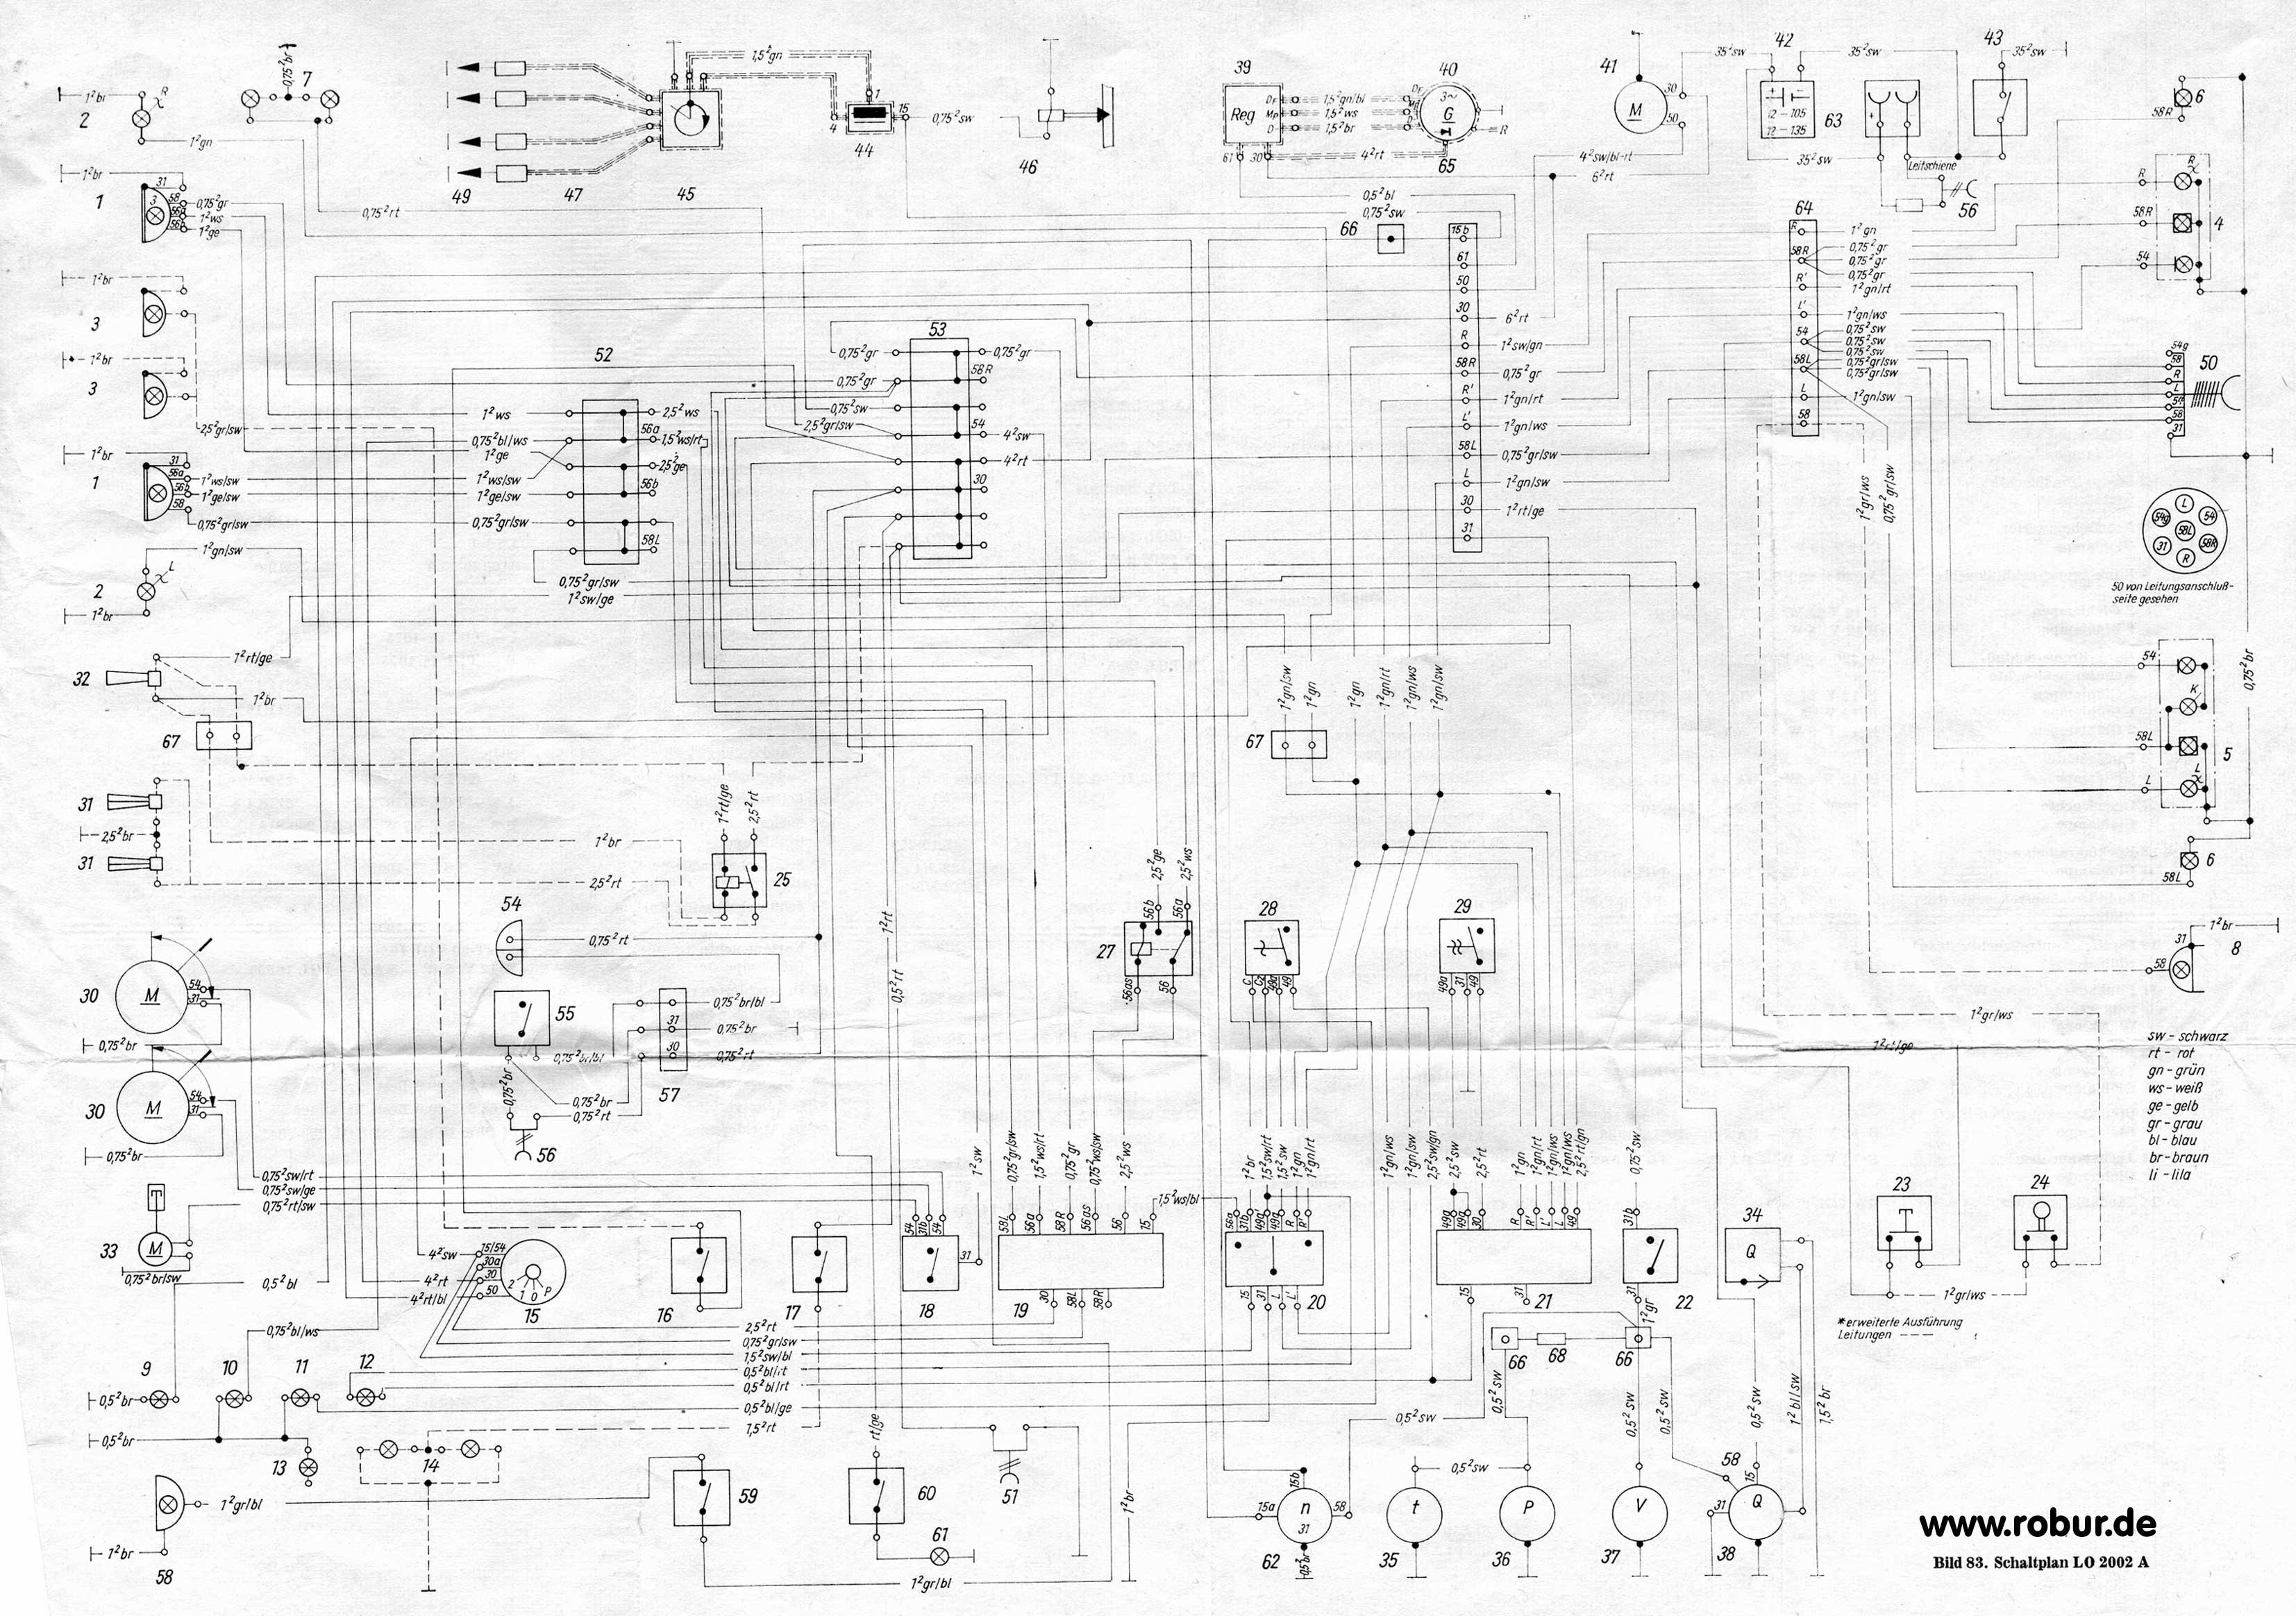 Datei:Schaltplan.jpg – Robur Wiki